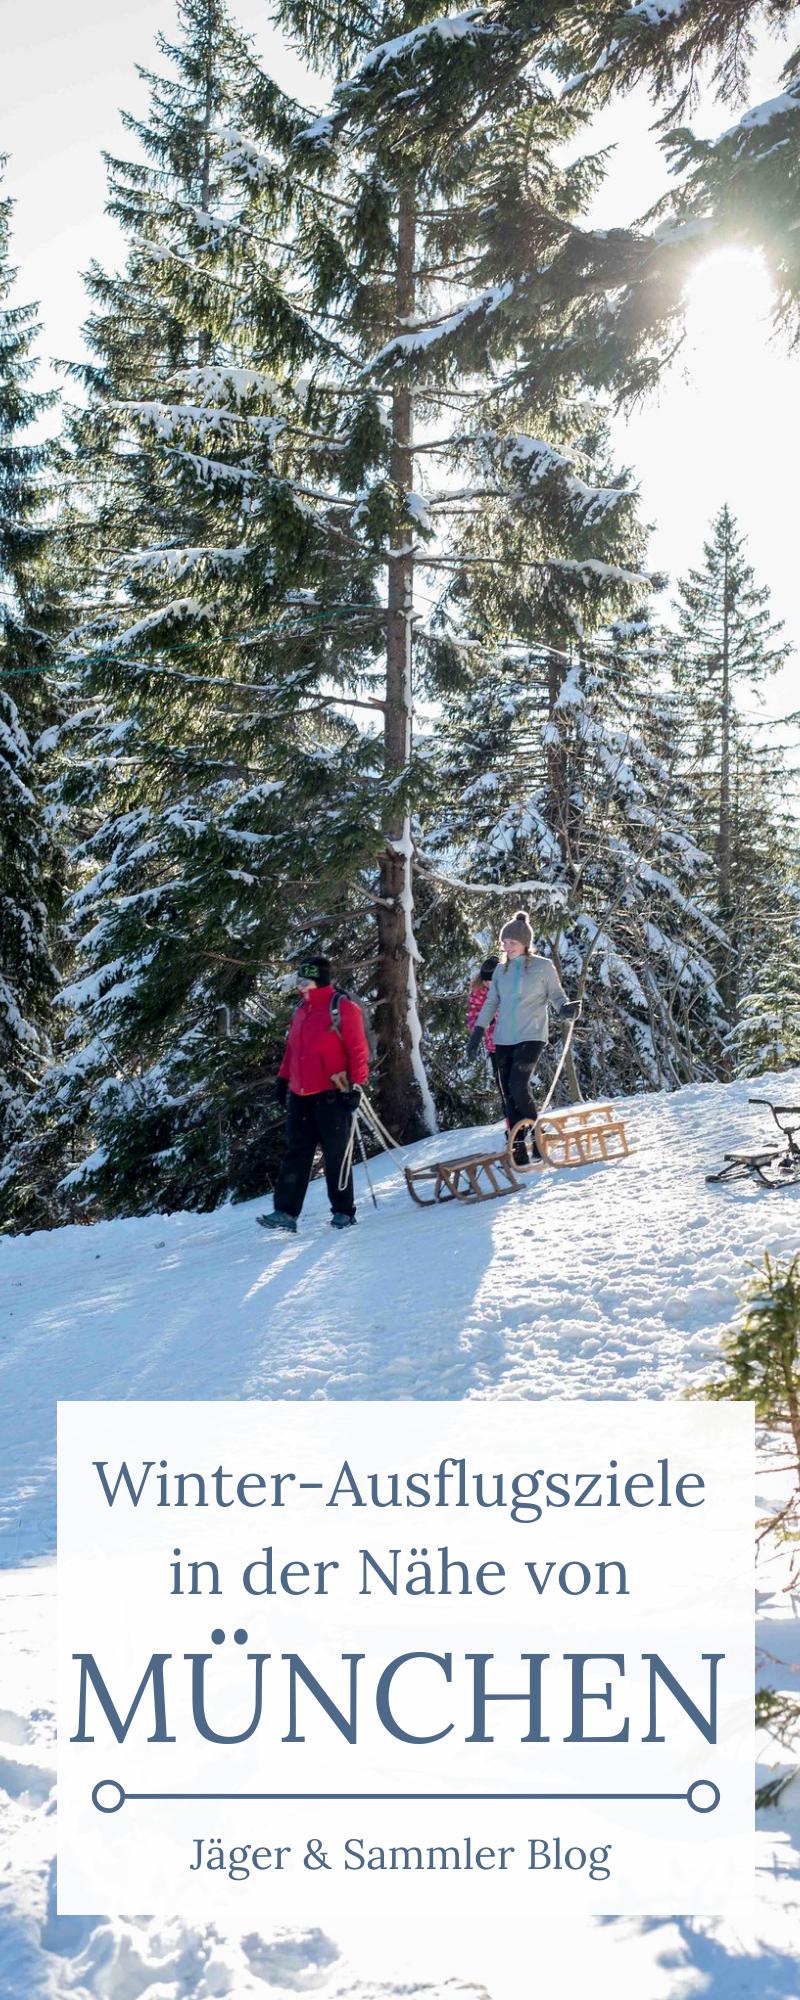 Die Schonsten Winterausfluge In Der Nahe Von Munchen Tagesausflug Bayern Ausflug Ausfluge Bayern